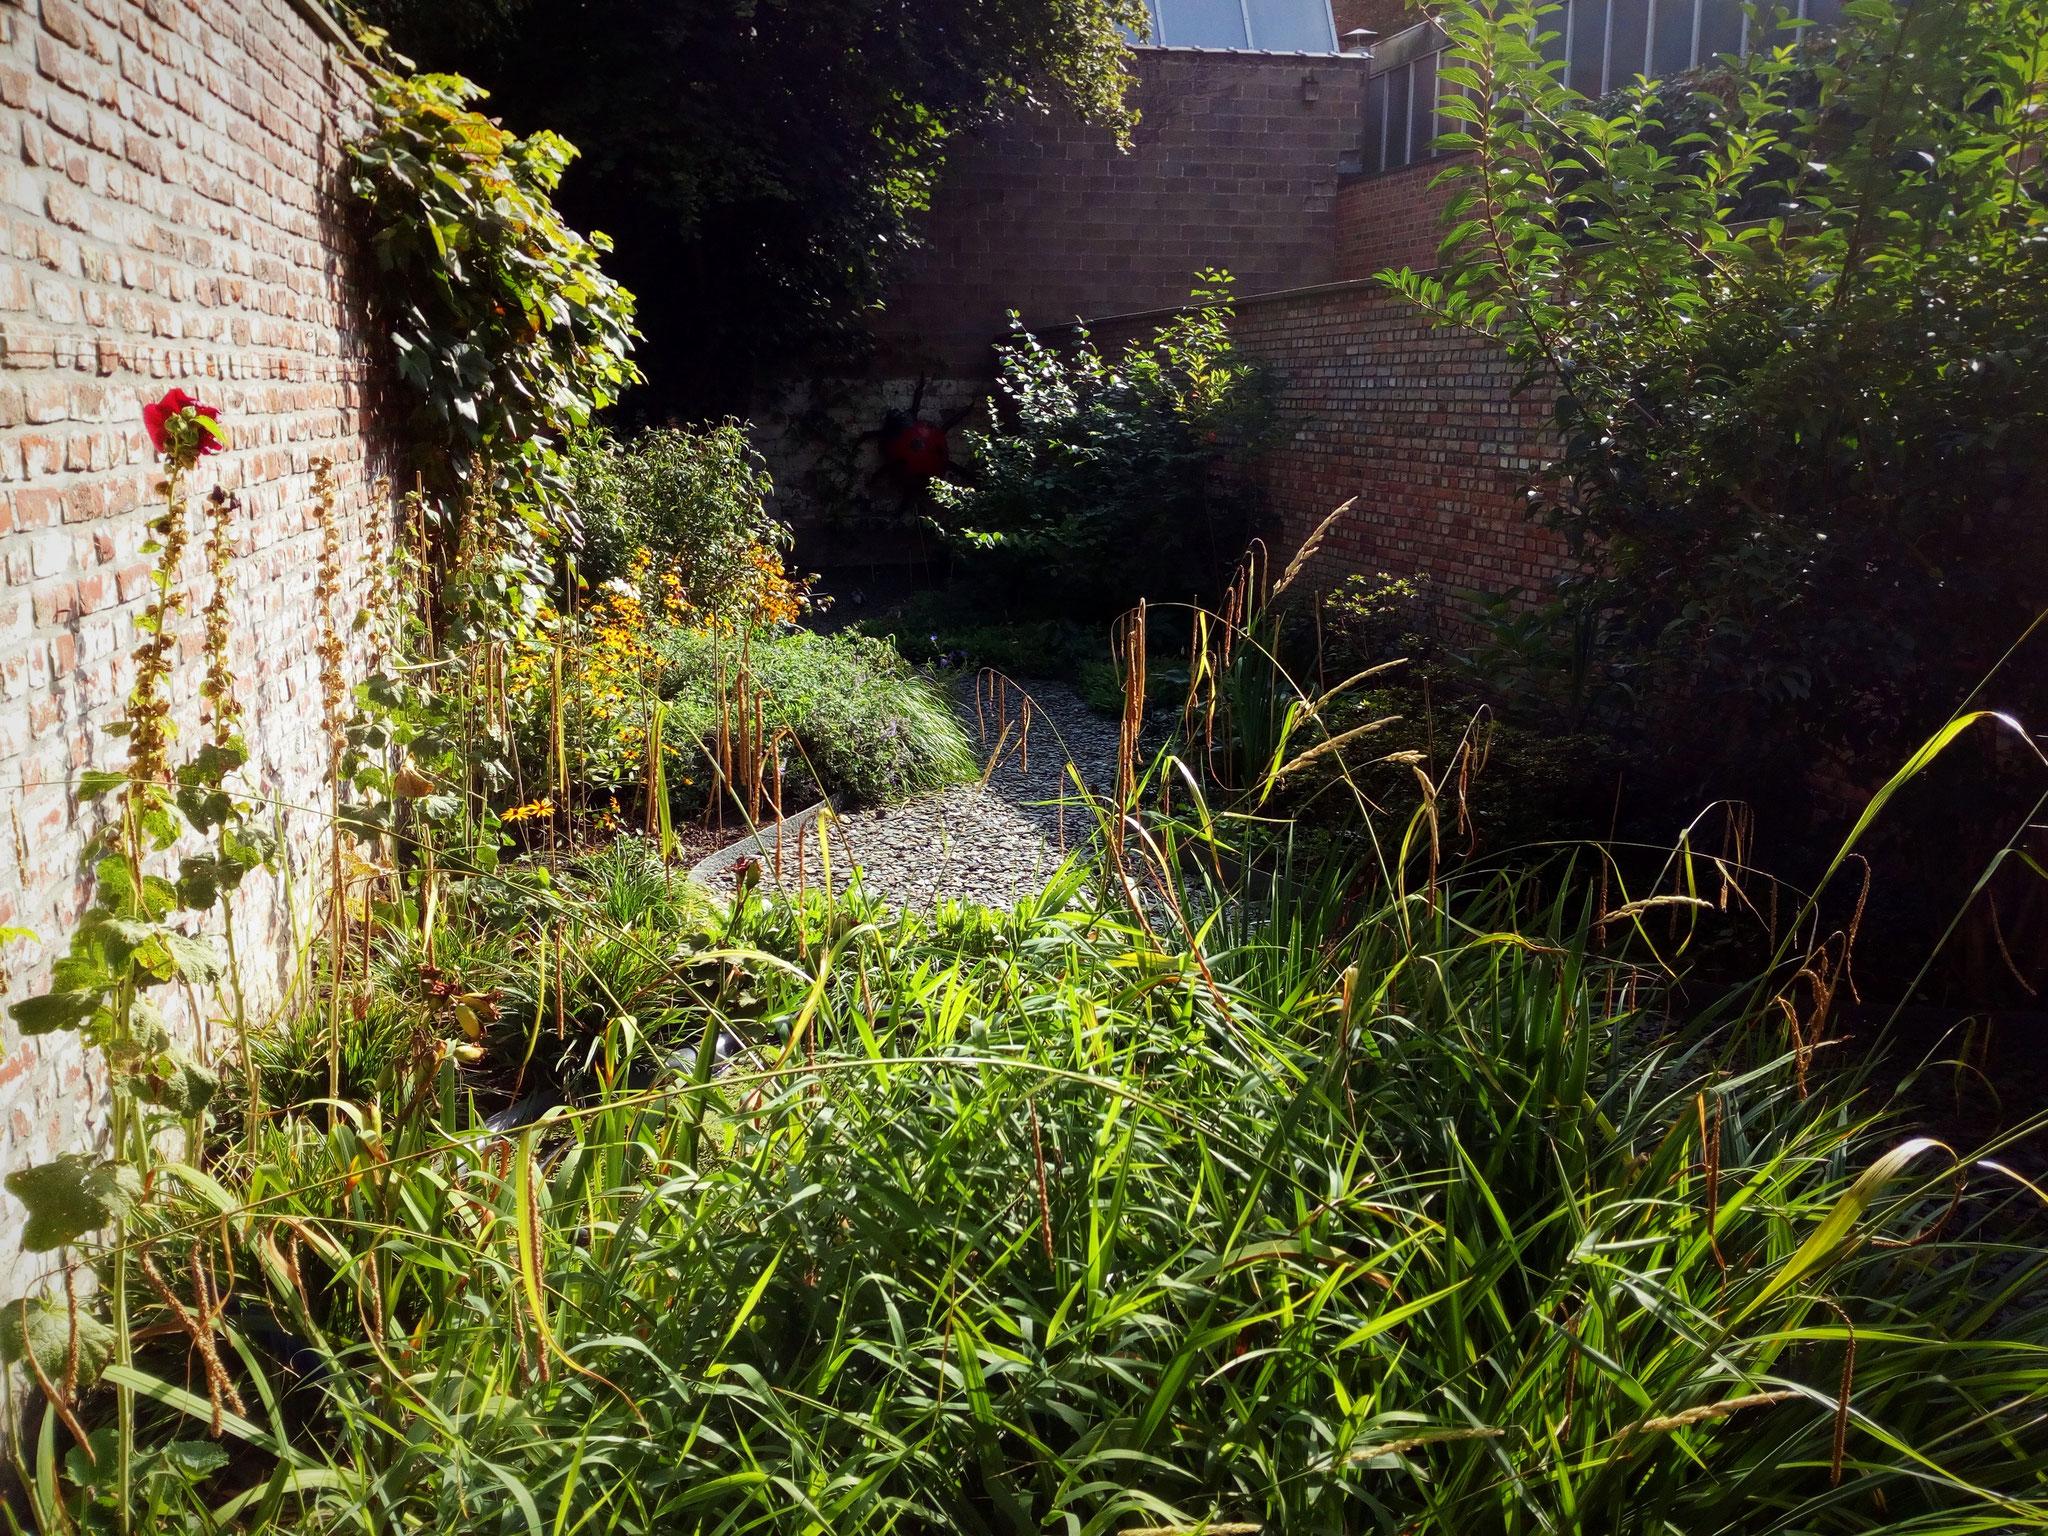 Jardin de ville 120m2 - 2 ans après- Vue depuis la terrasse existante. Amenagement jardin Bruxelles